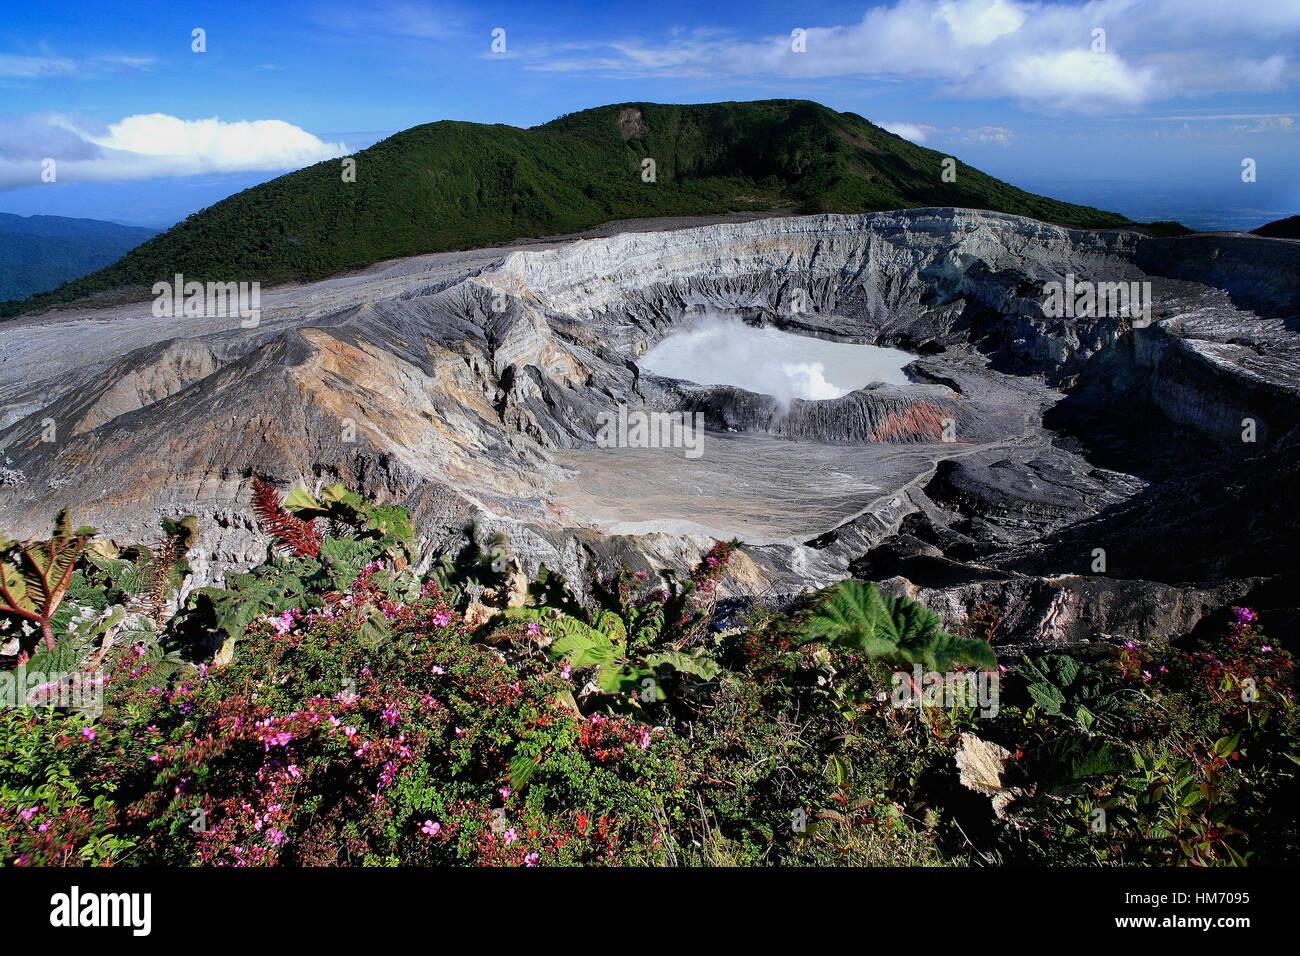 Cratere del vulcano Poás, Alajuela, Costa Rica Immagini Stock